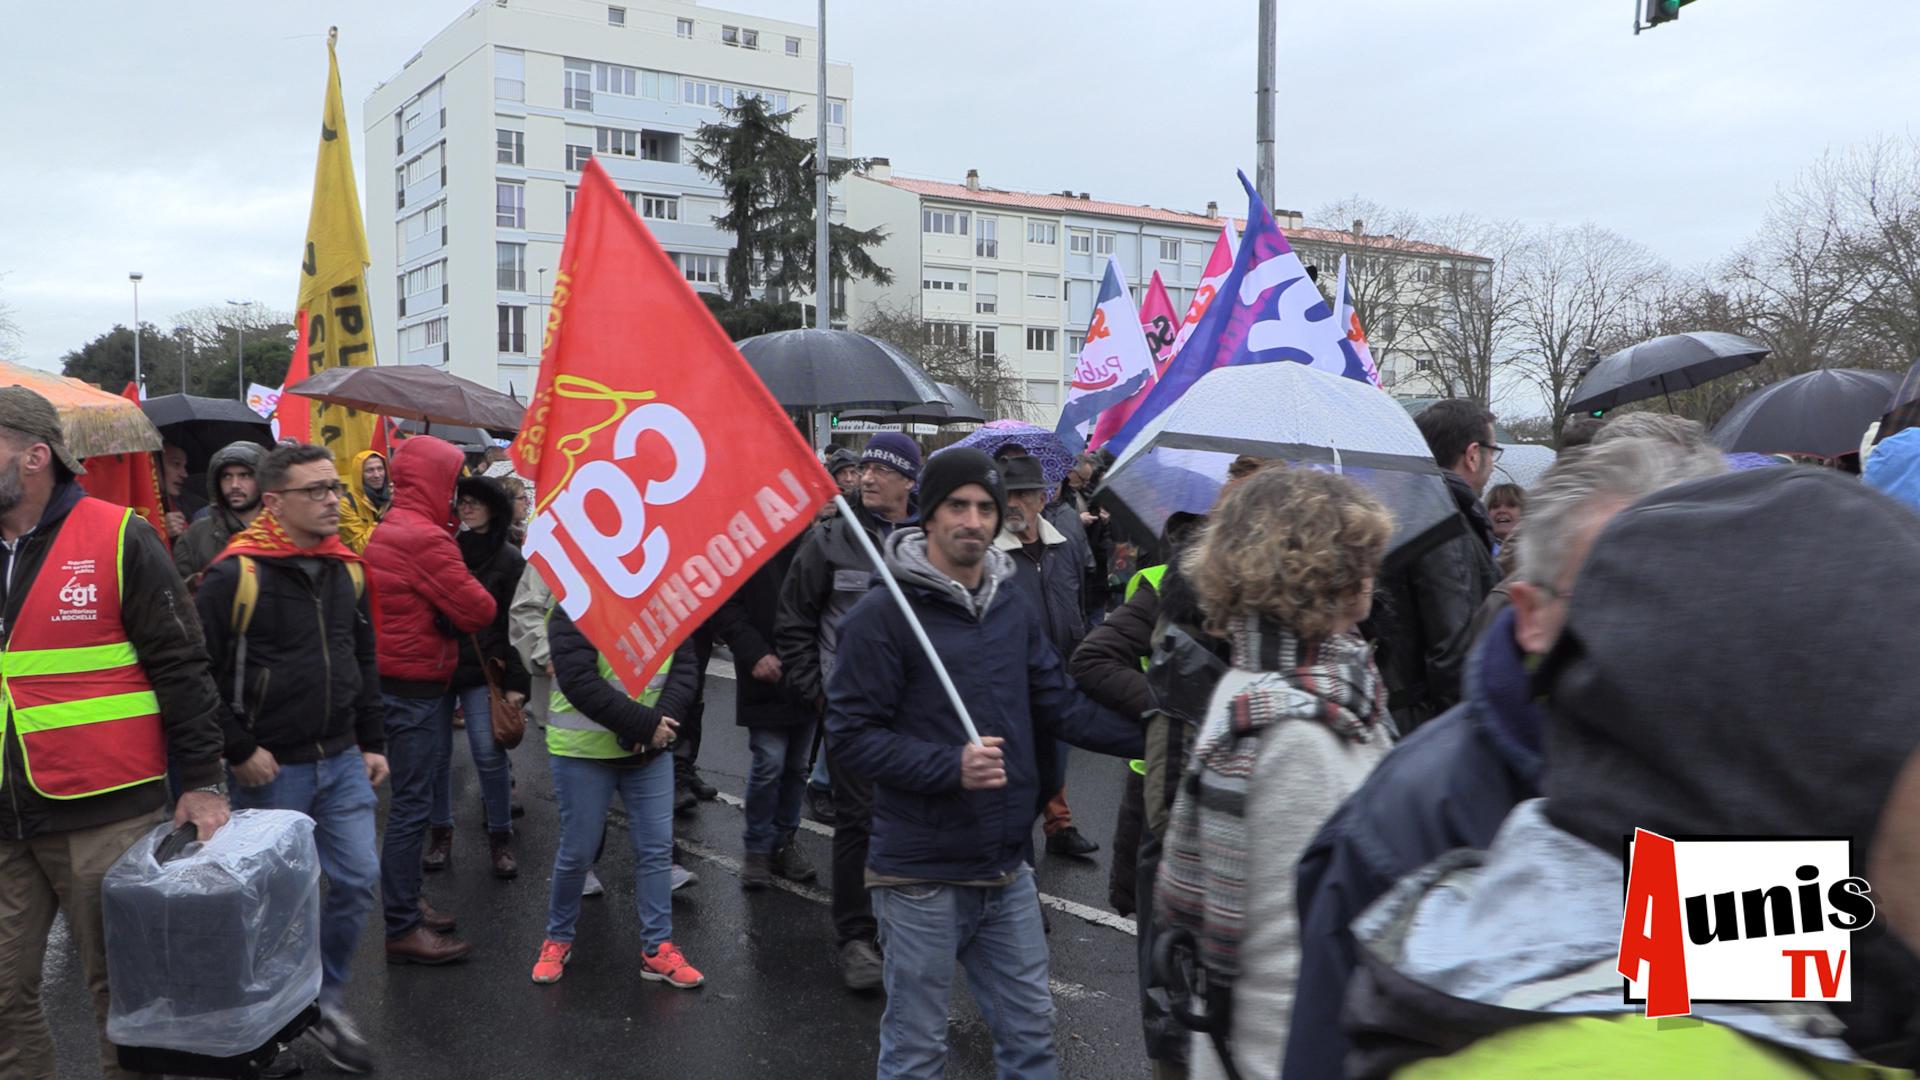 Manifestation réforme retraites La Rochelle mardi 17 décembre 2019